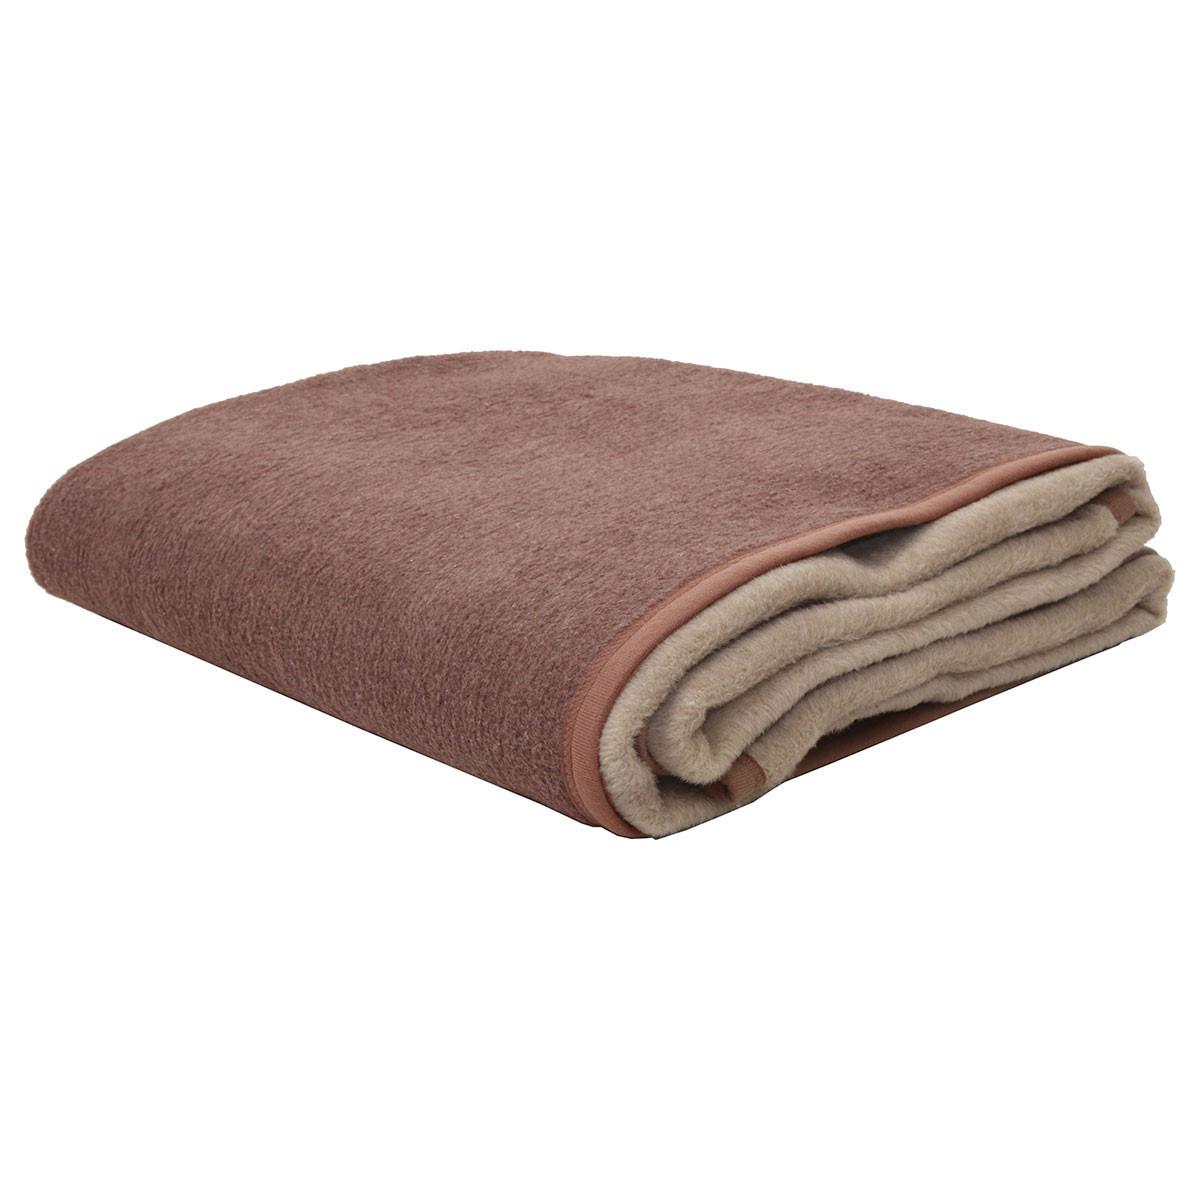 Κουβέρτα Ακρυλική Υπέρδιπλη 2 Όψεων Viopros Καστανό/Μπεζ home   κρεβατοκάμαρα   κουβέρτες   κουβέρτες βελουτέ υπέρδιπλες